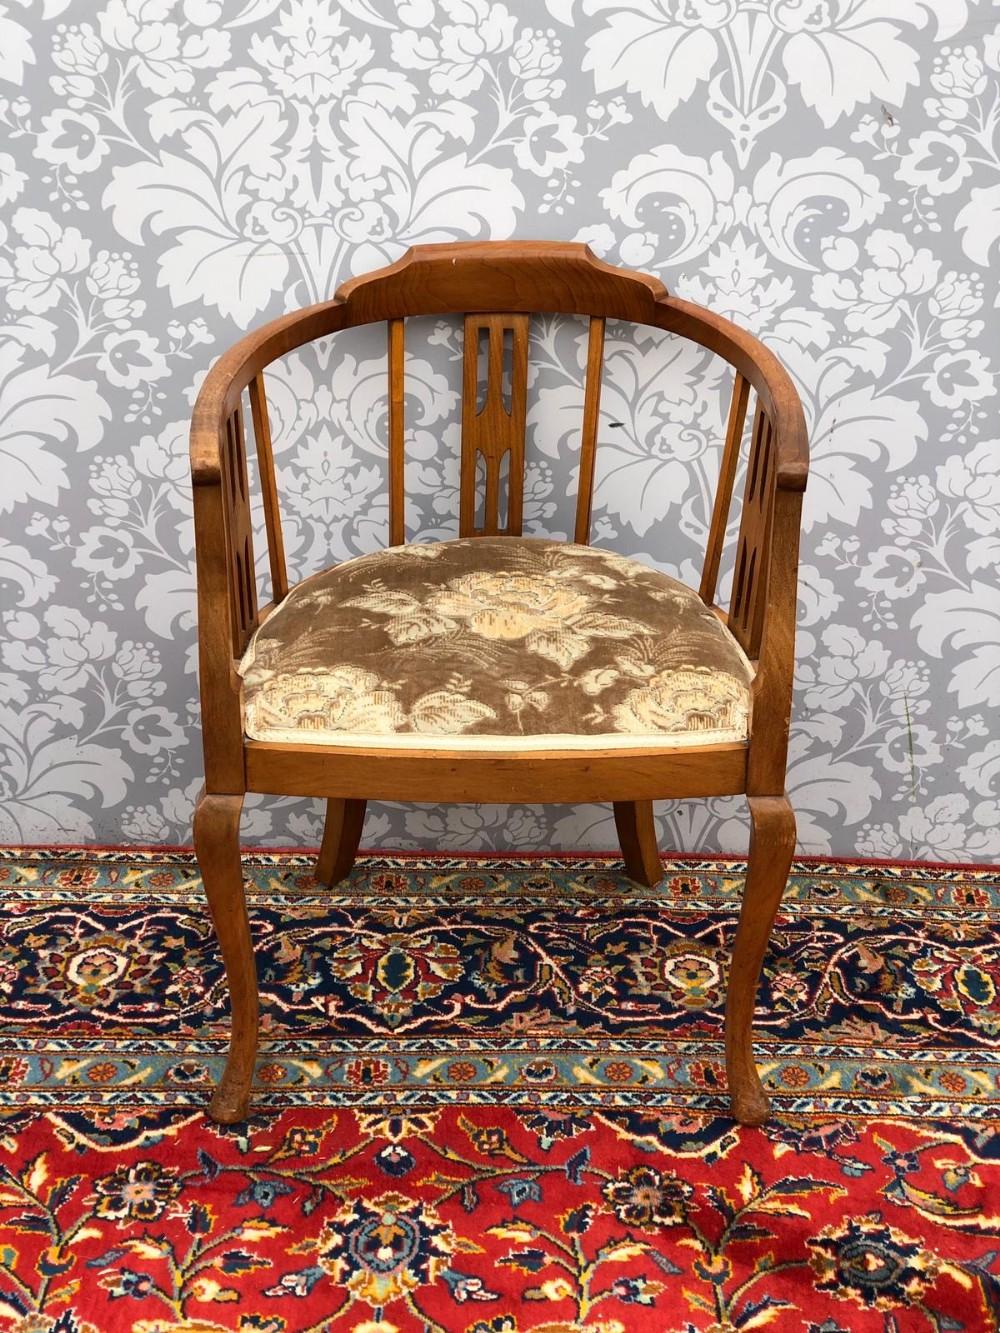 edwardian mahogany framed tub chair